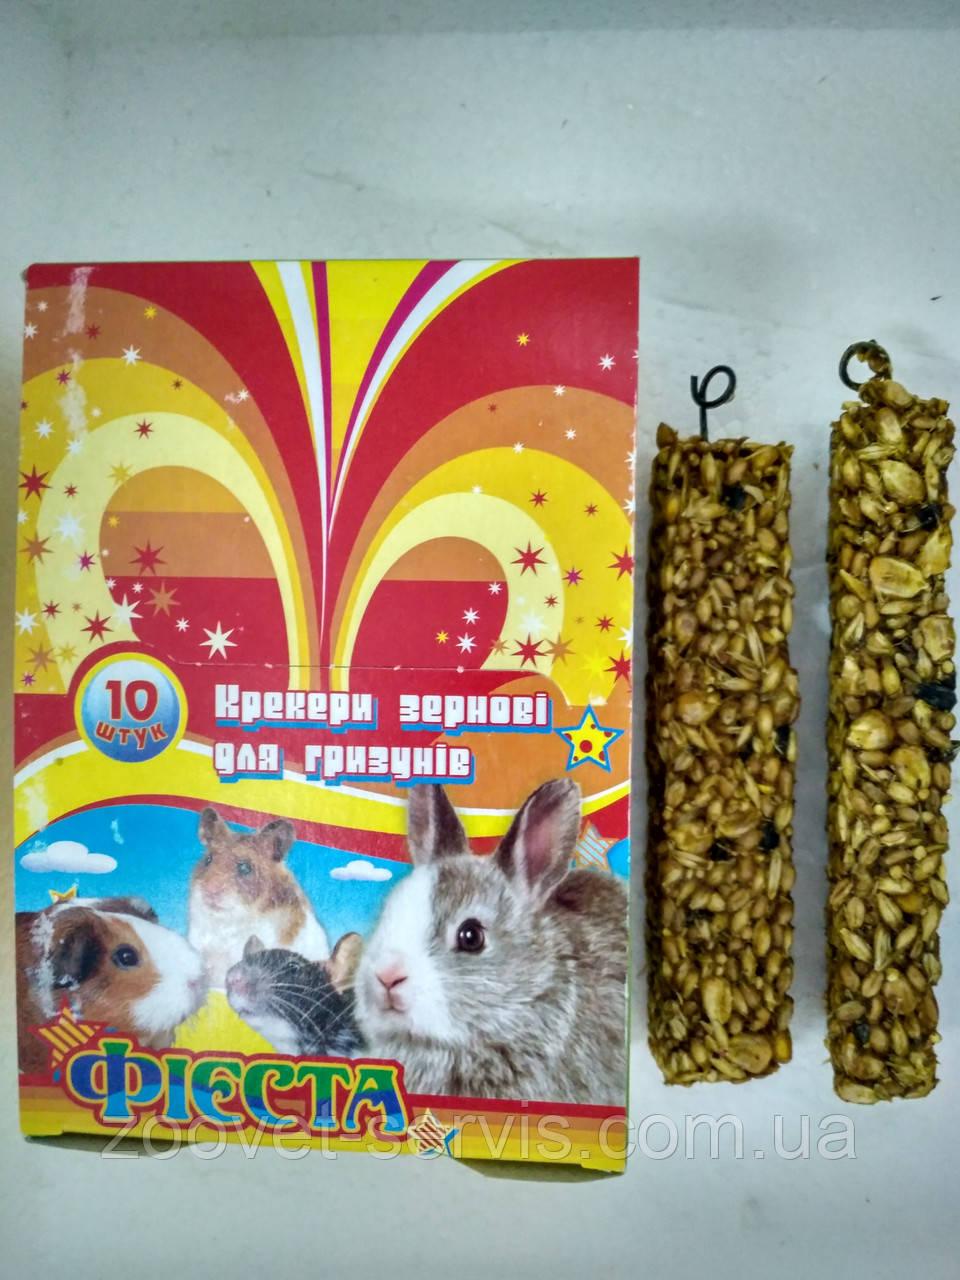 Крекеры зерновые  для грызунов «Фиеста»